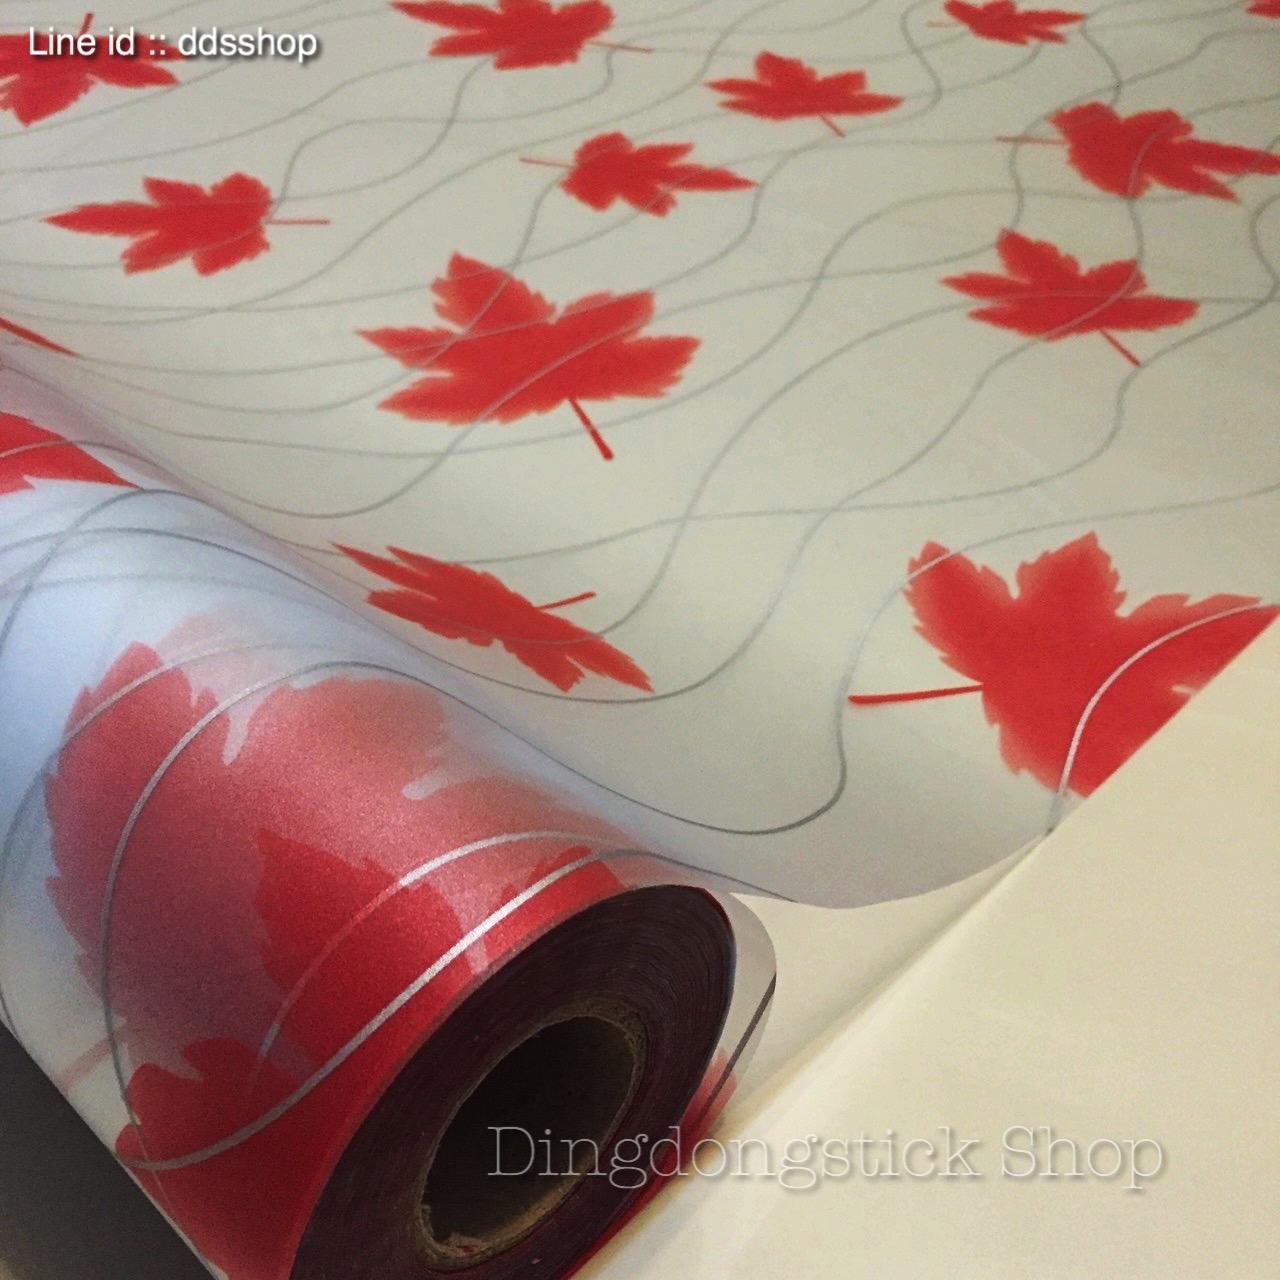 """สติ๊กเกอร์ฝ้าติดกระจกแบบมีกาว """"Red Maple and Matalic line"""" หน้ากว้าง 90 cm แบ่งขายเมตรละ 179 บาท"""